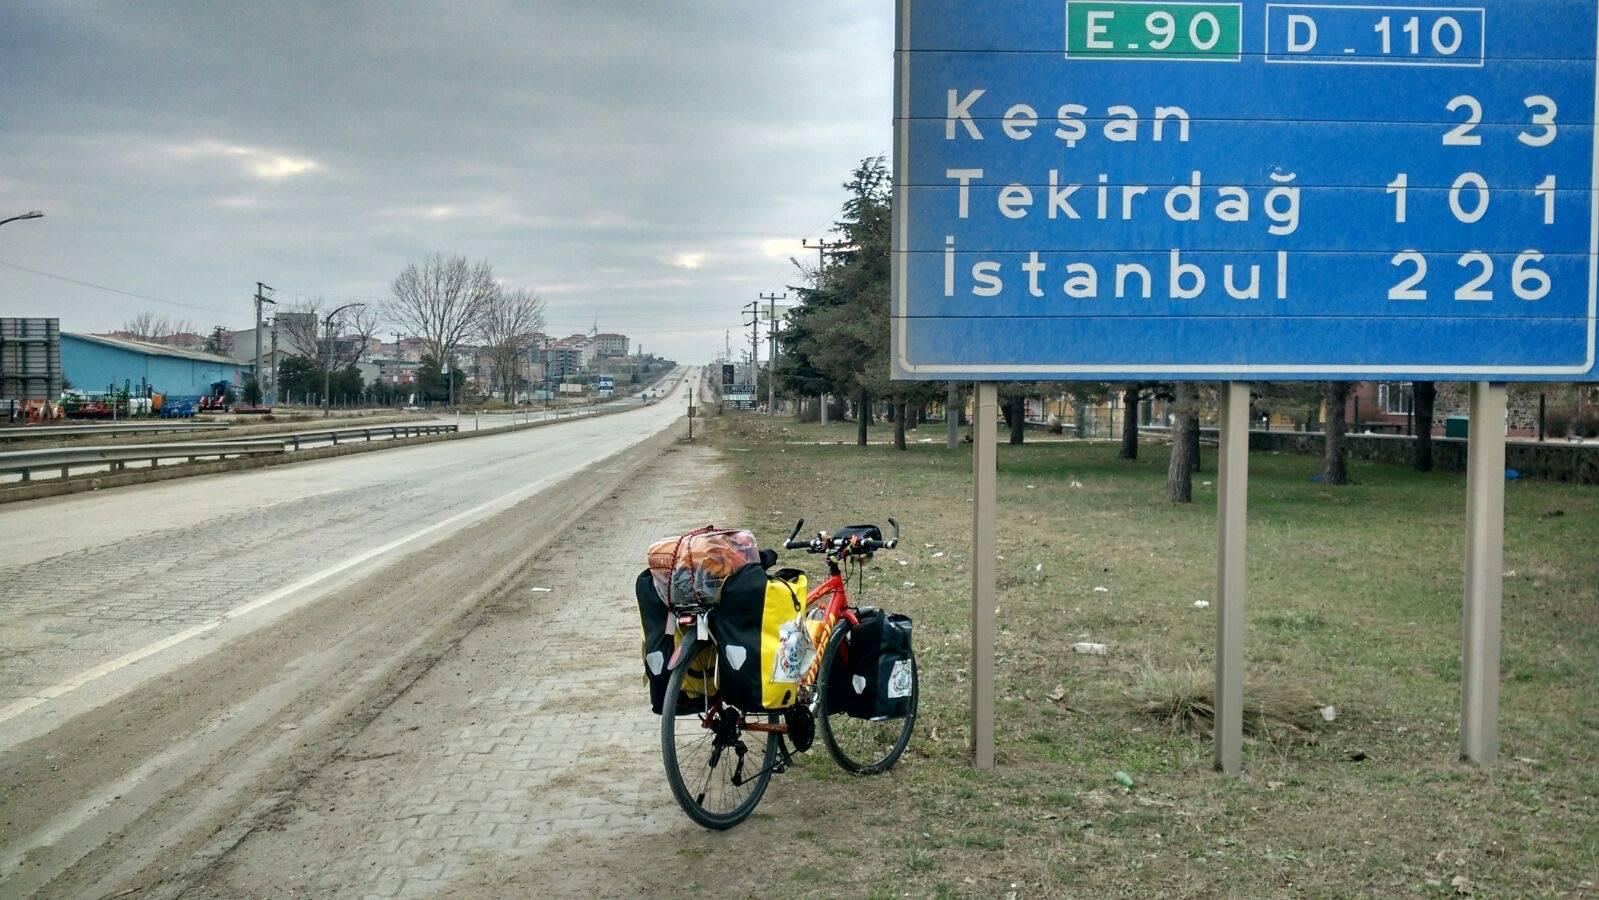 Etapa 31 Perle entrando en Turquia16 - Perlé entrando en Turquía,el continente asiático se presenta ante nuestro caballero